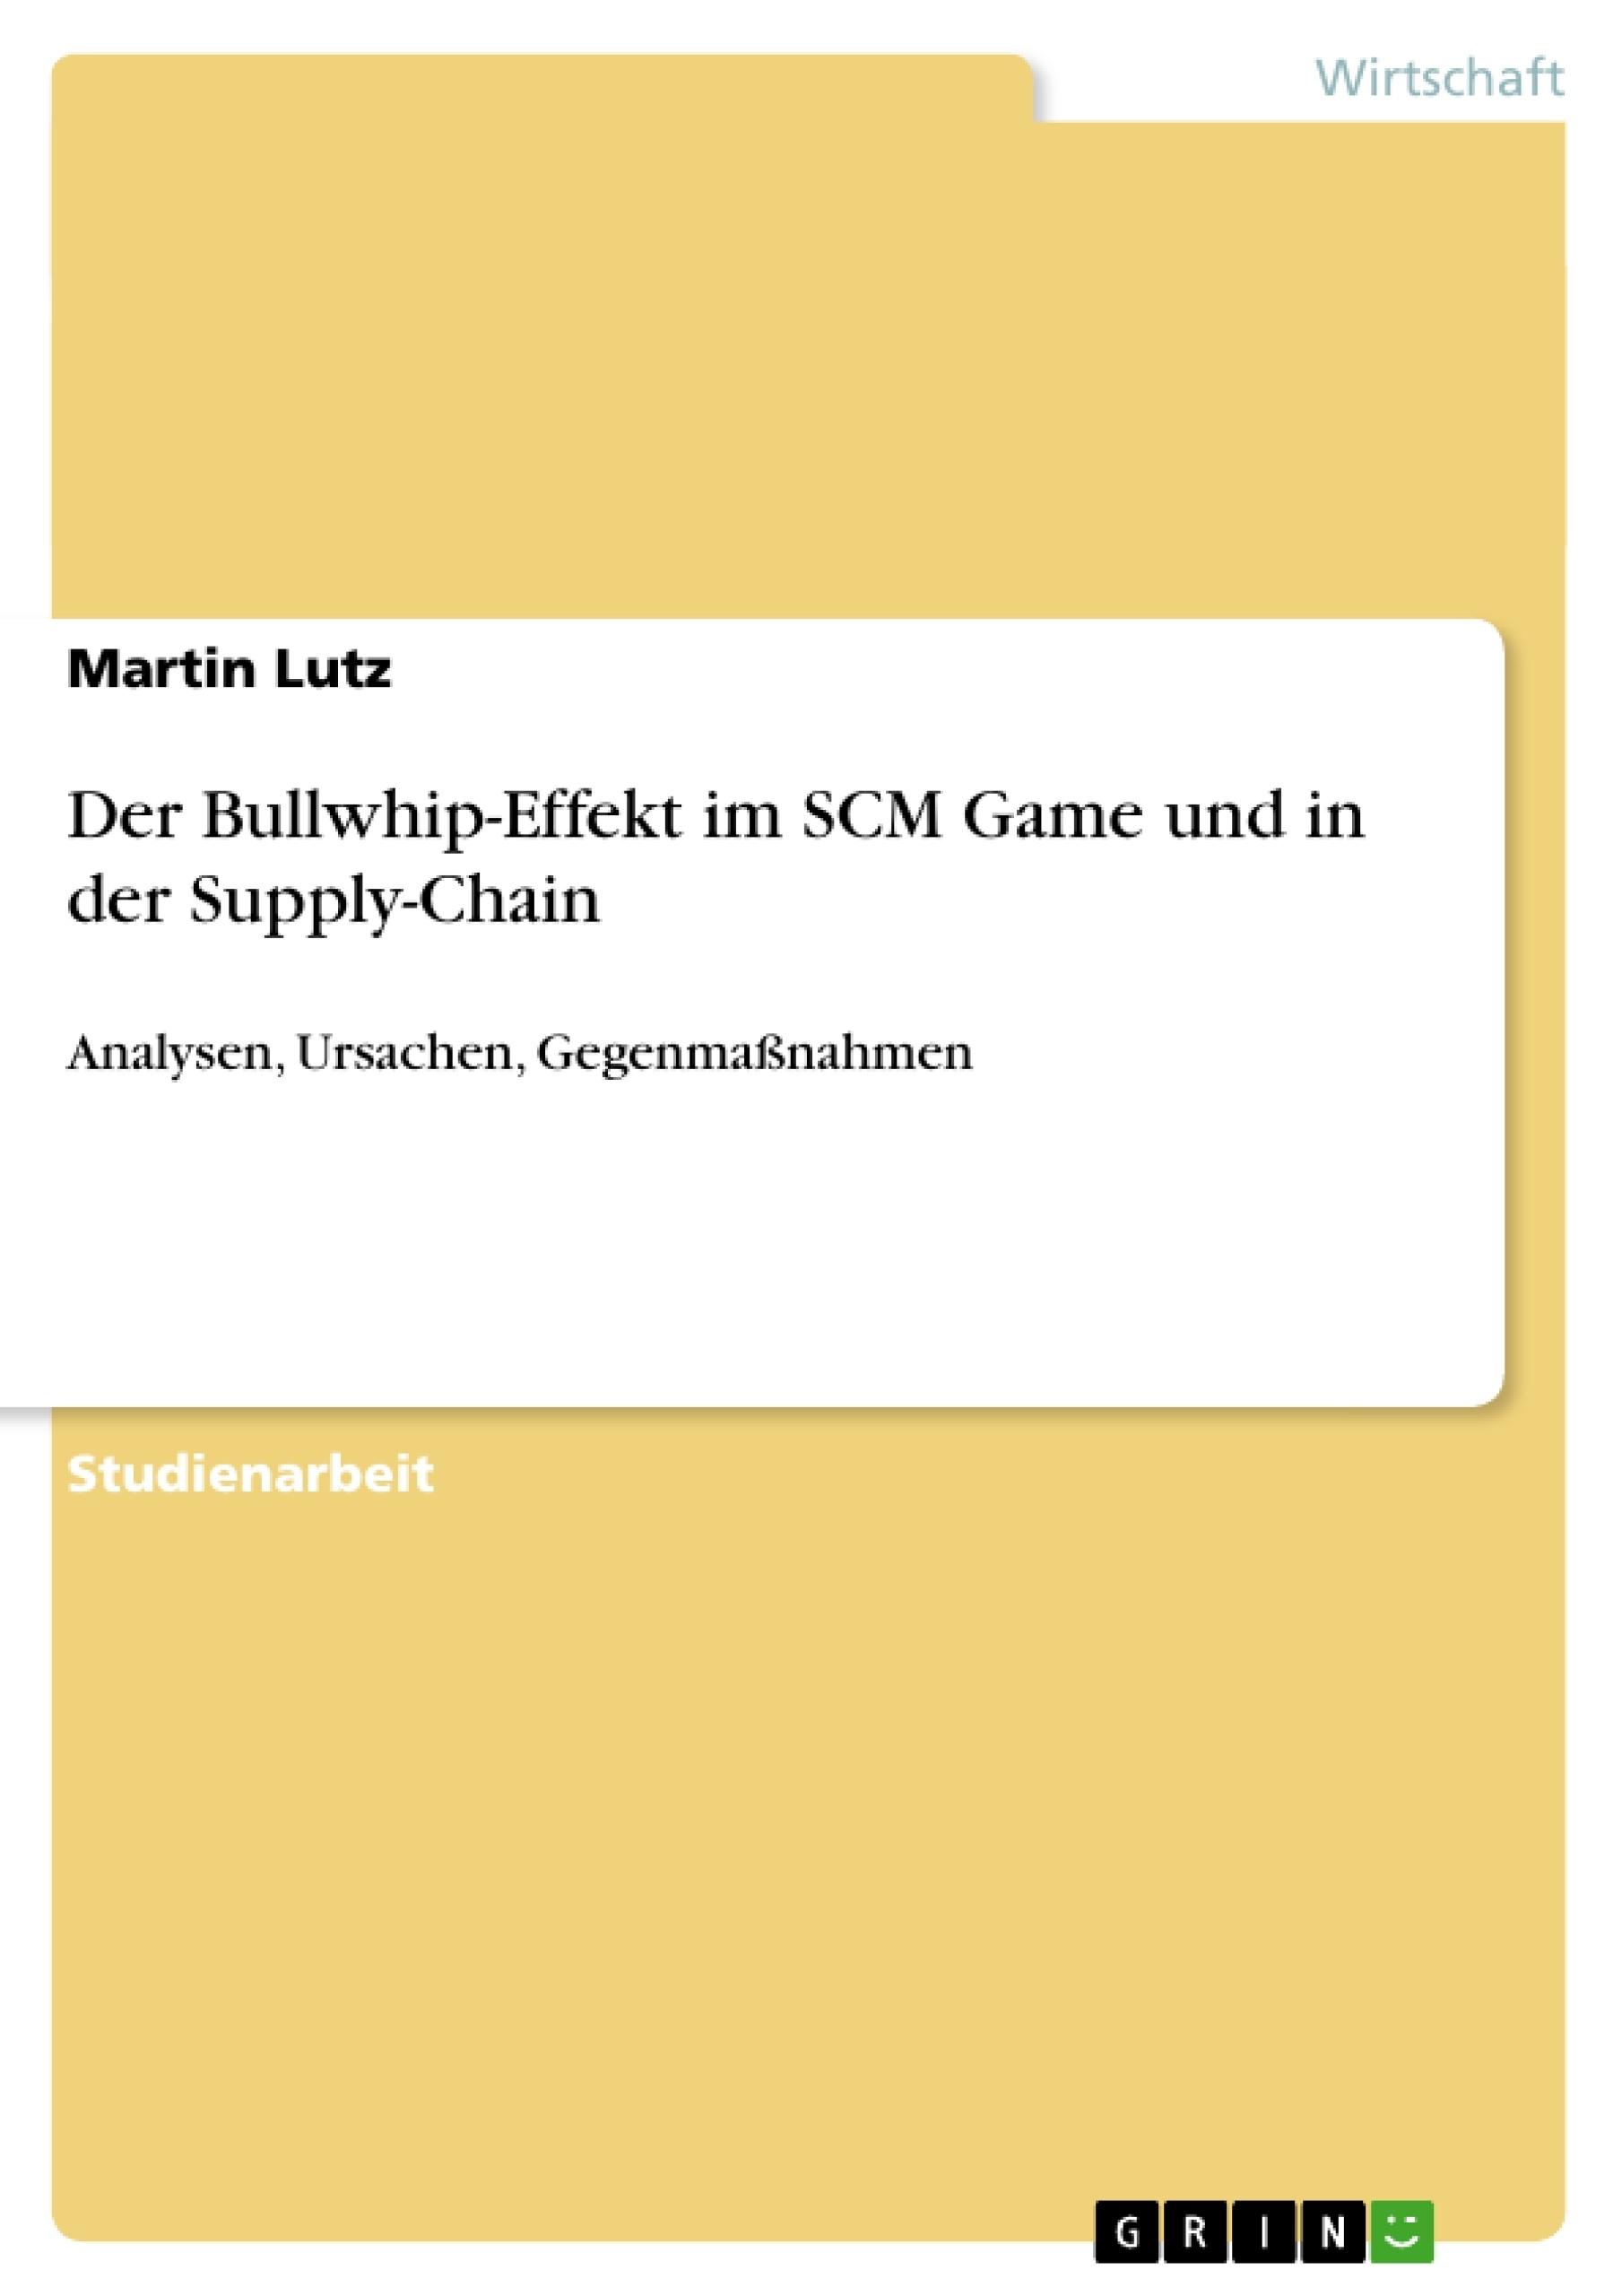 Titel: Der Bullwhip-Effekt im SCM Game und in der Supply-Chain